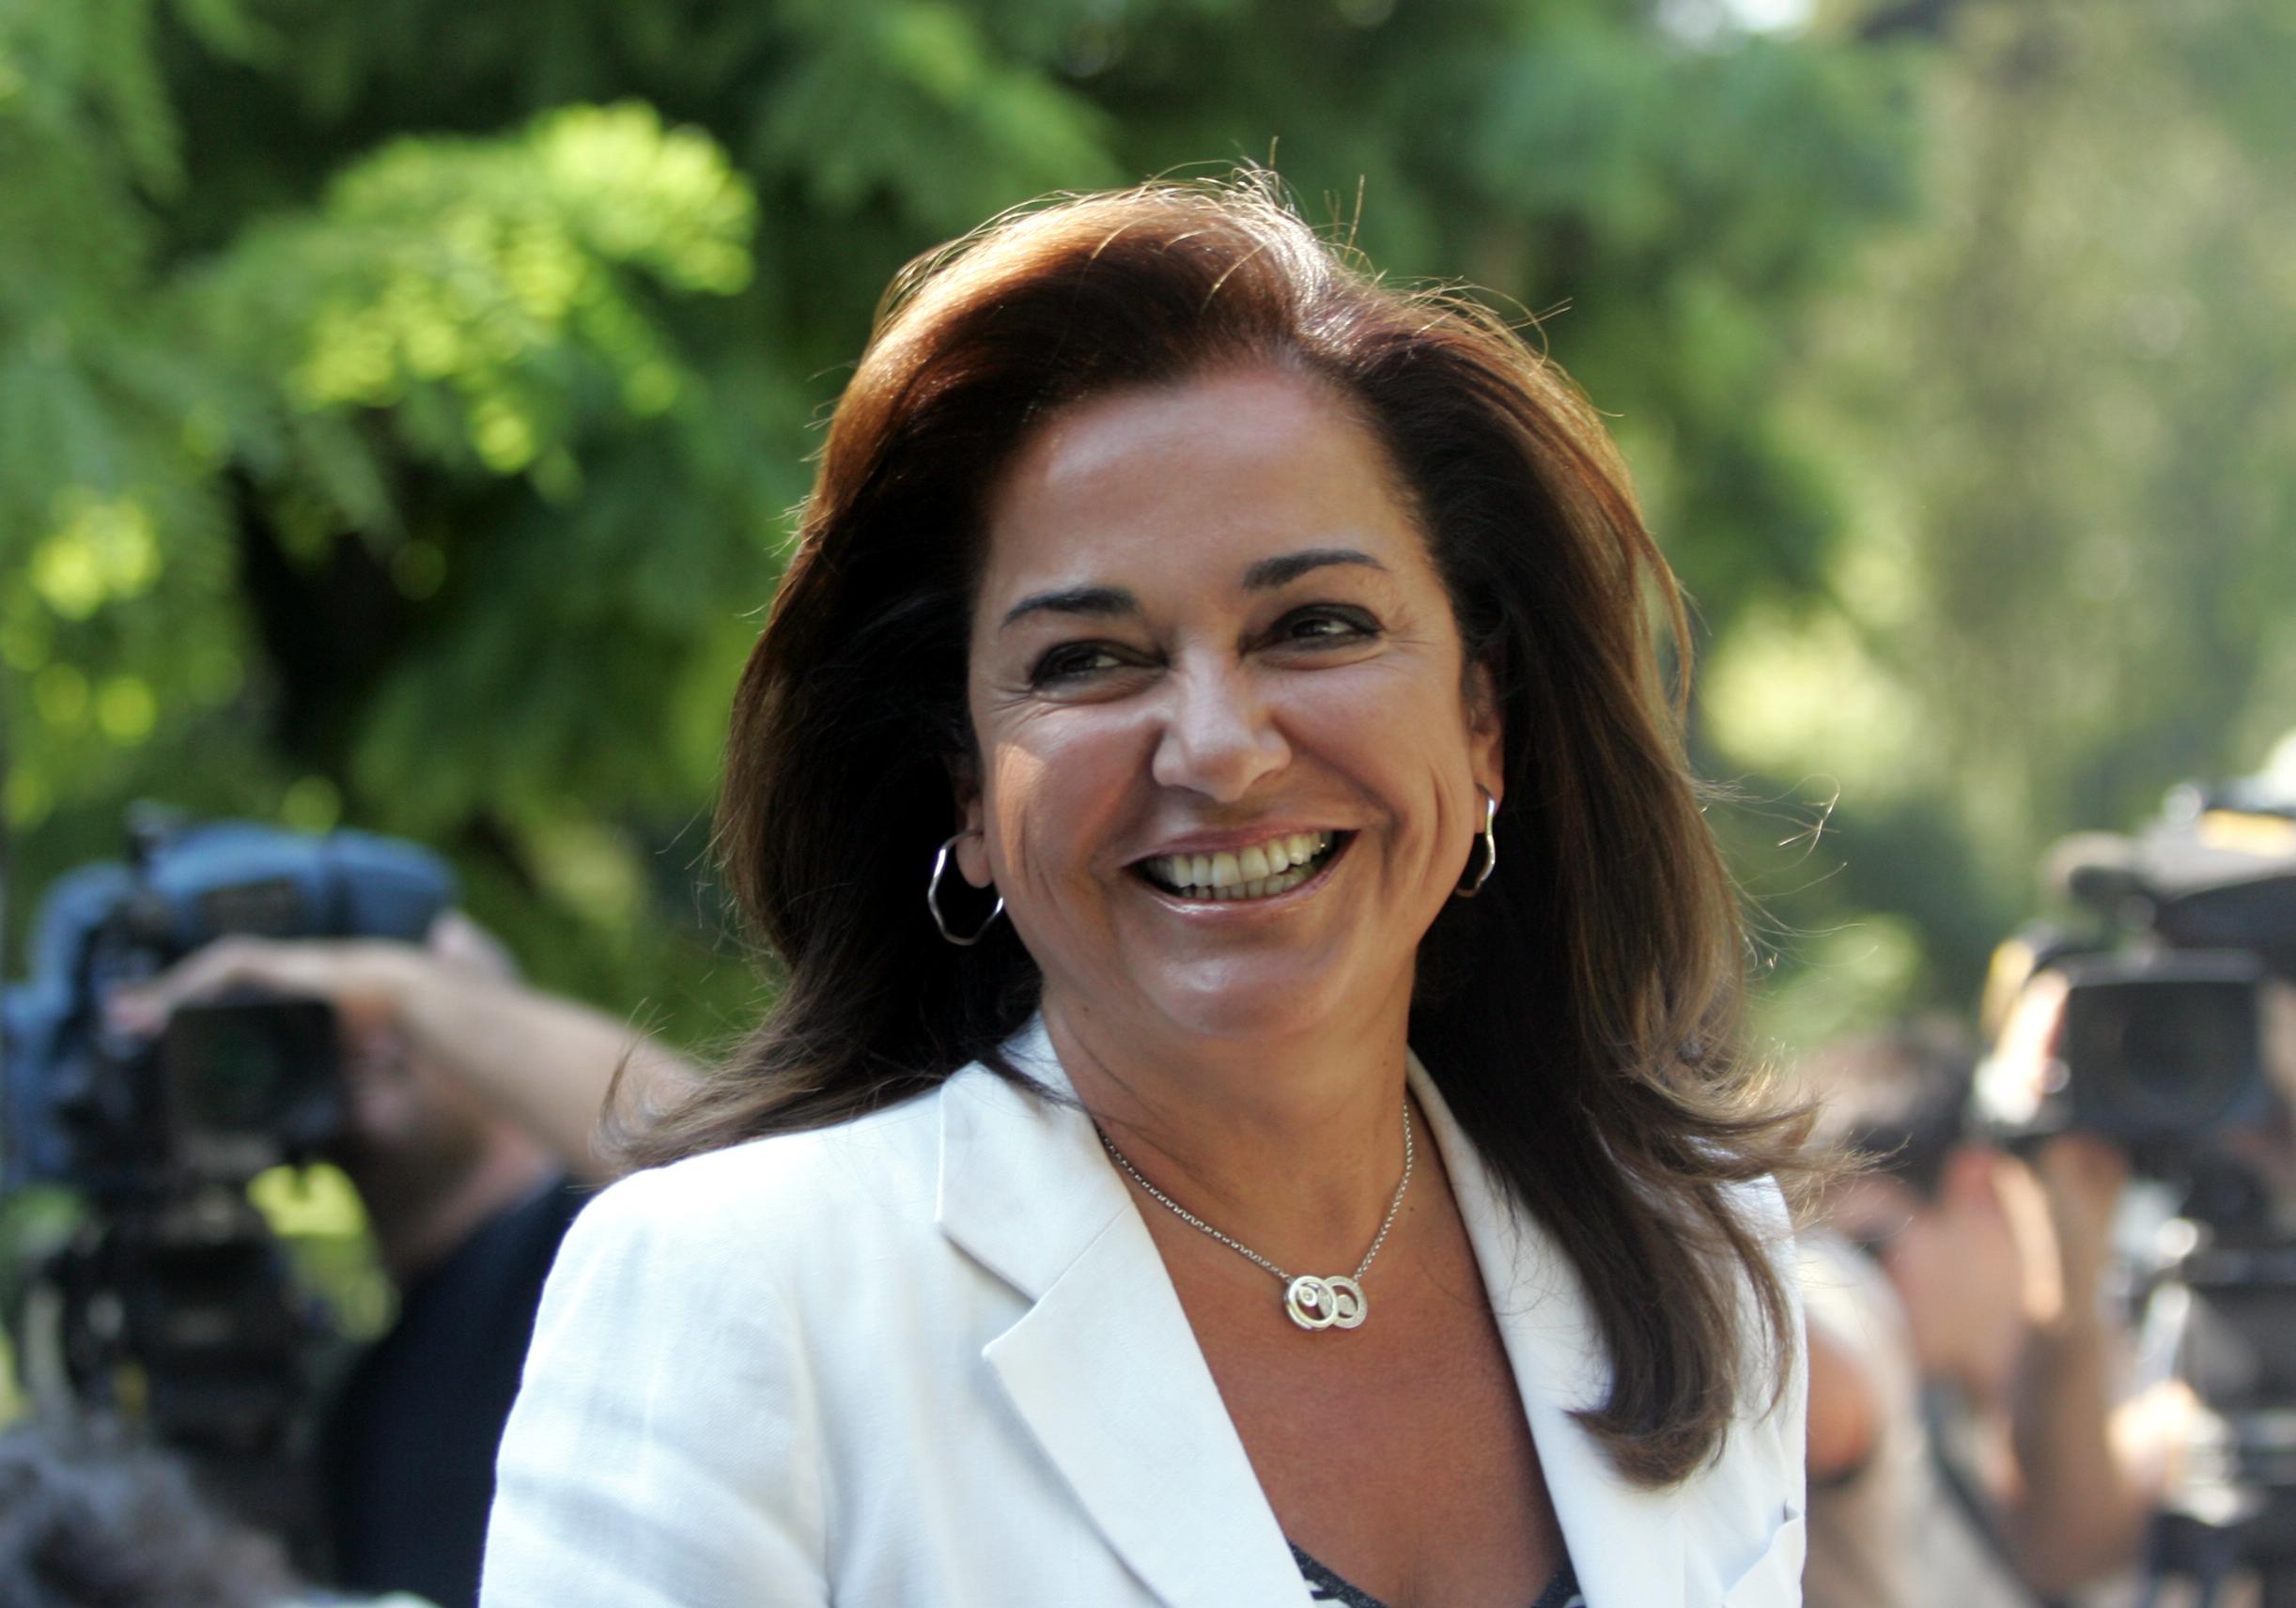 Ντόρα Μπακογιάννη: Τι της συνέβη μετά από πολλά χρόνια και είναι χαρούμενη; | tlife.gr